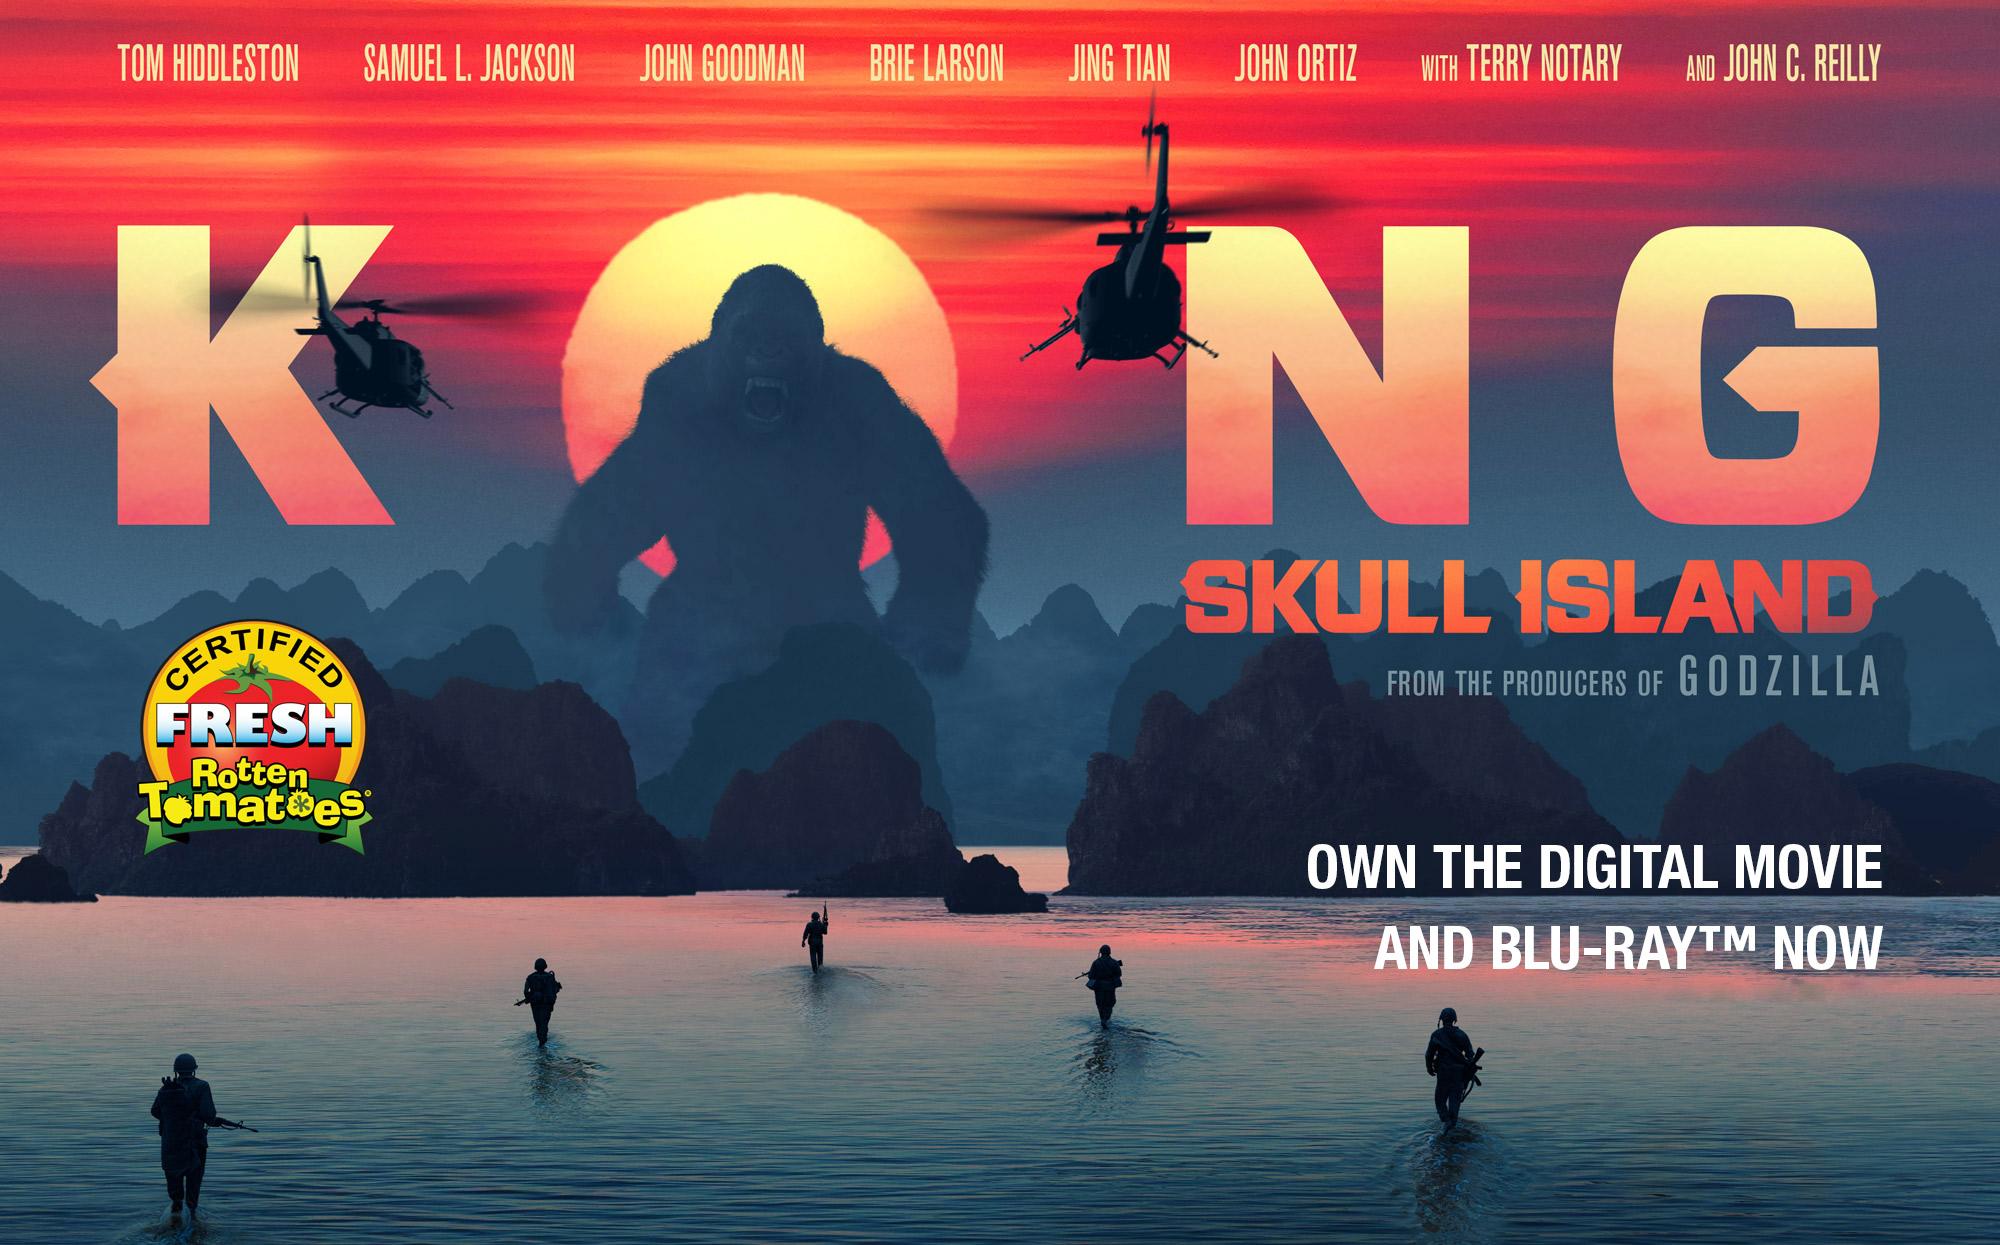 skull iceland tamil